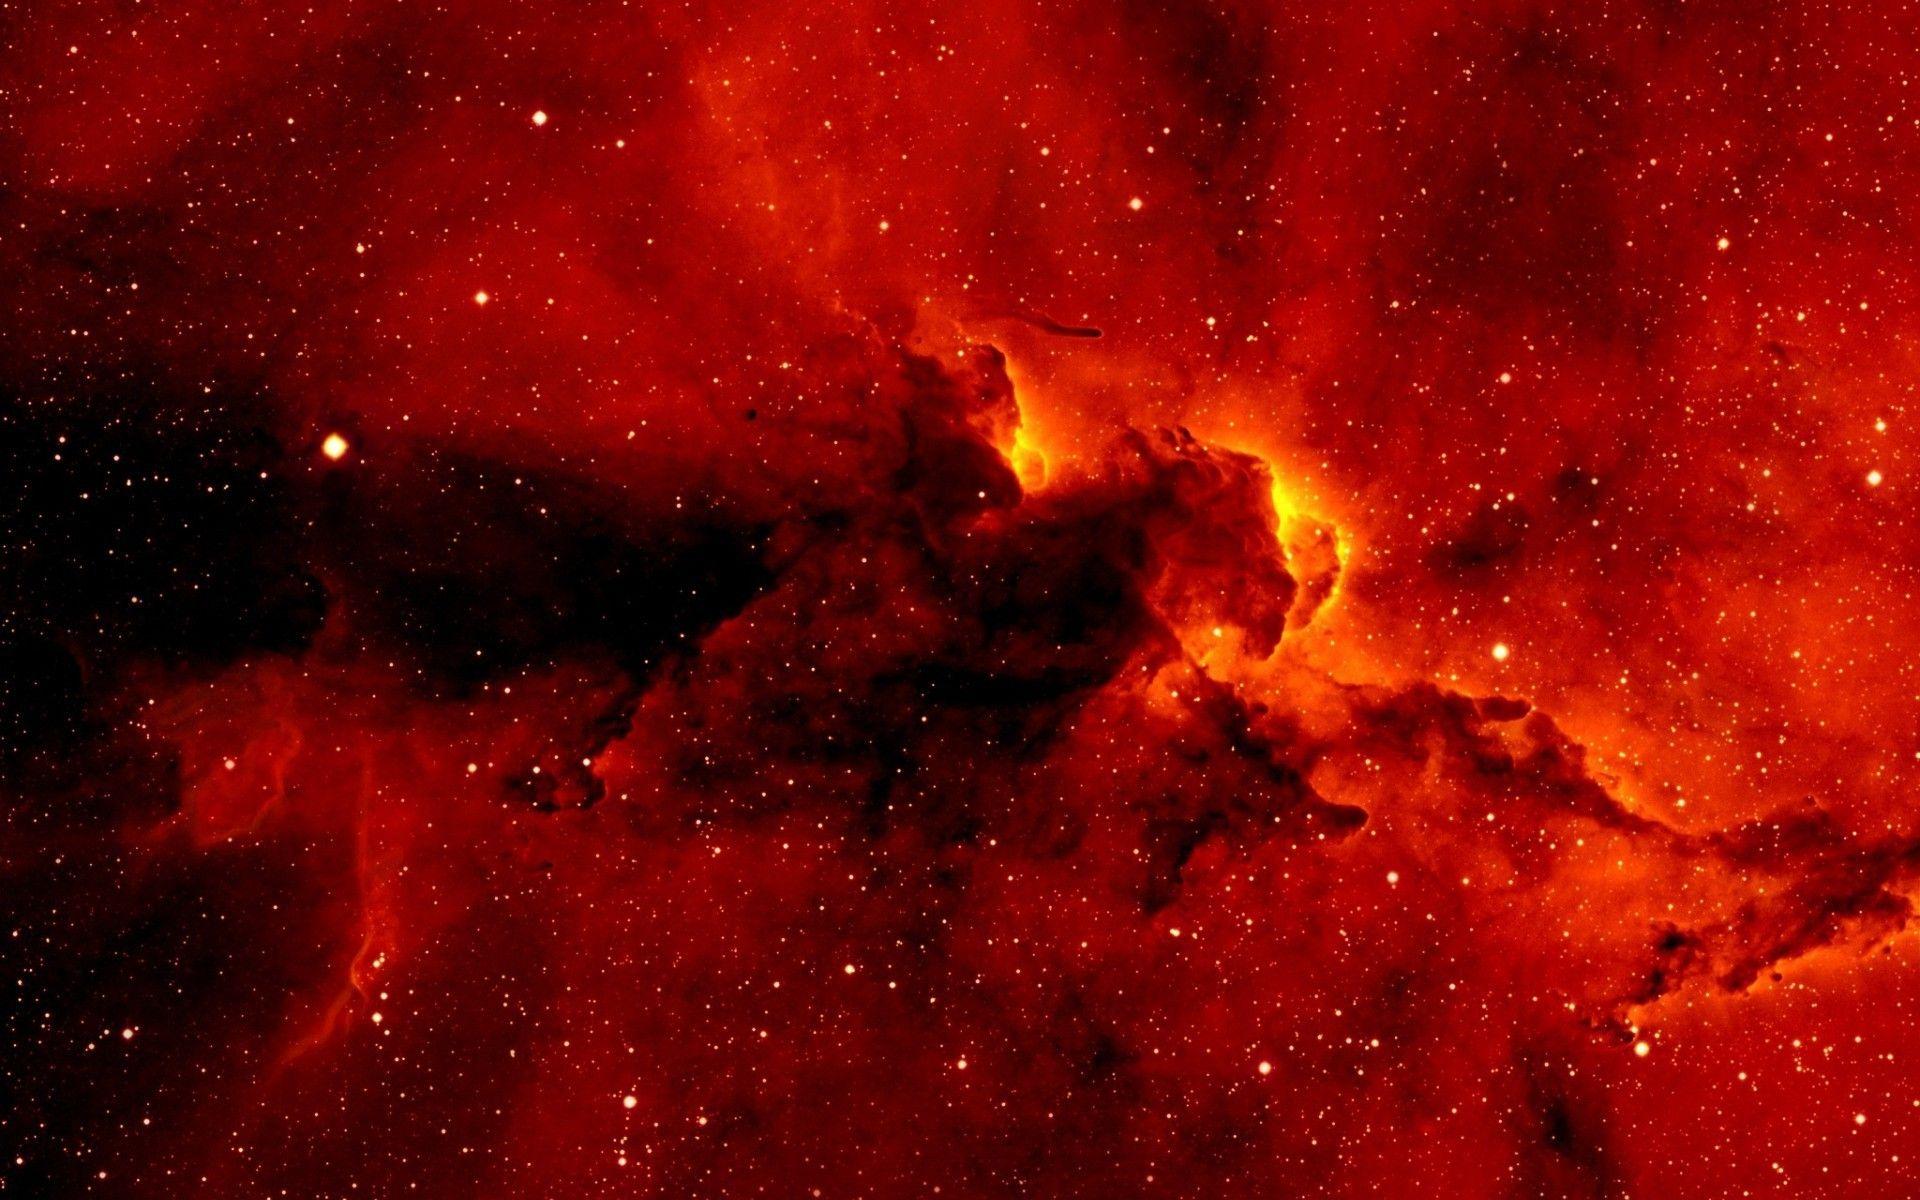 8 83280 red galaxy hd desktop wallpapers high definition fullscreen